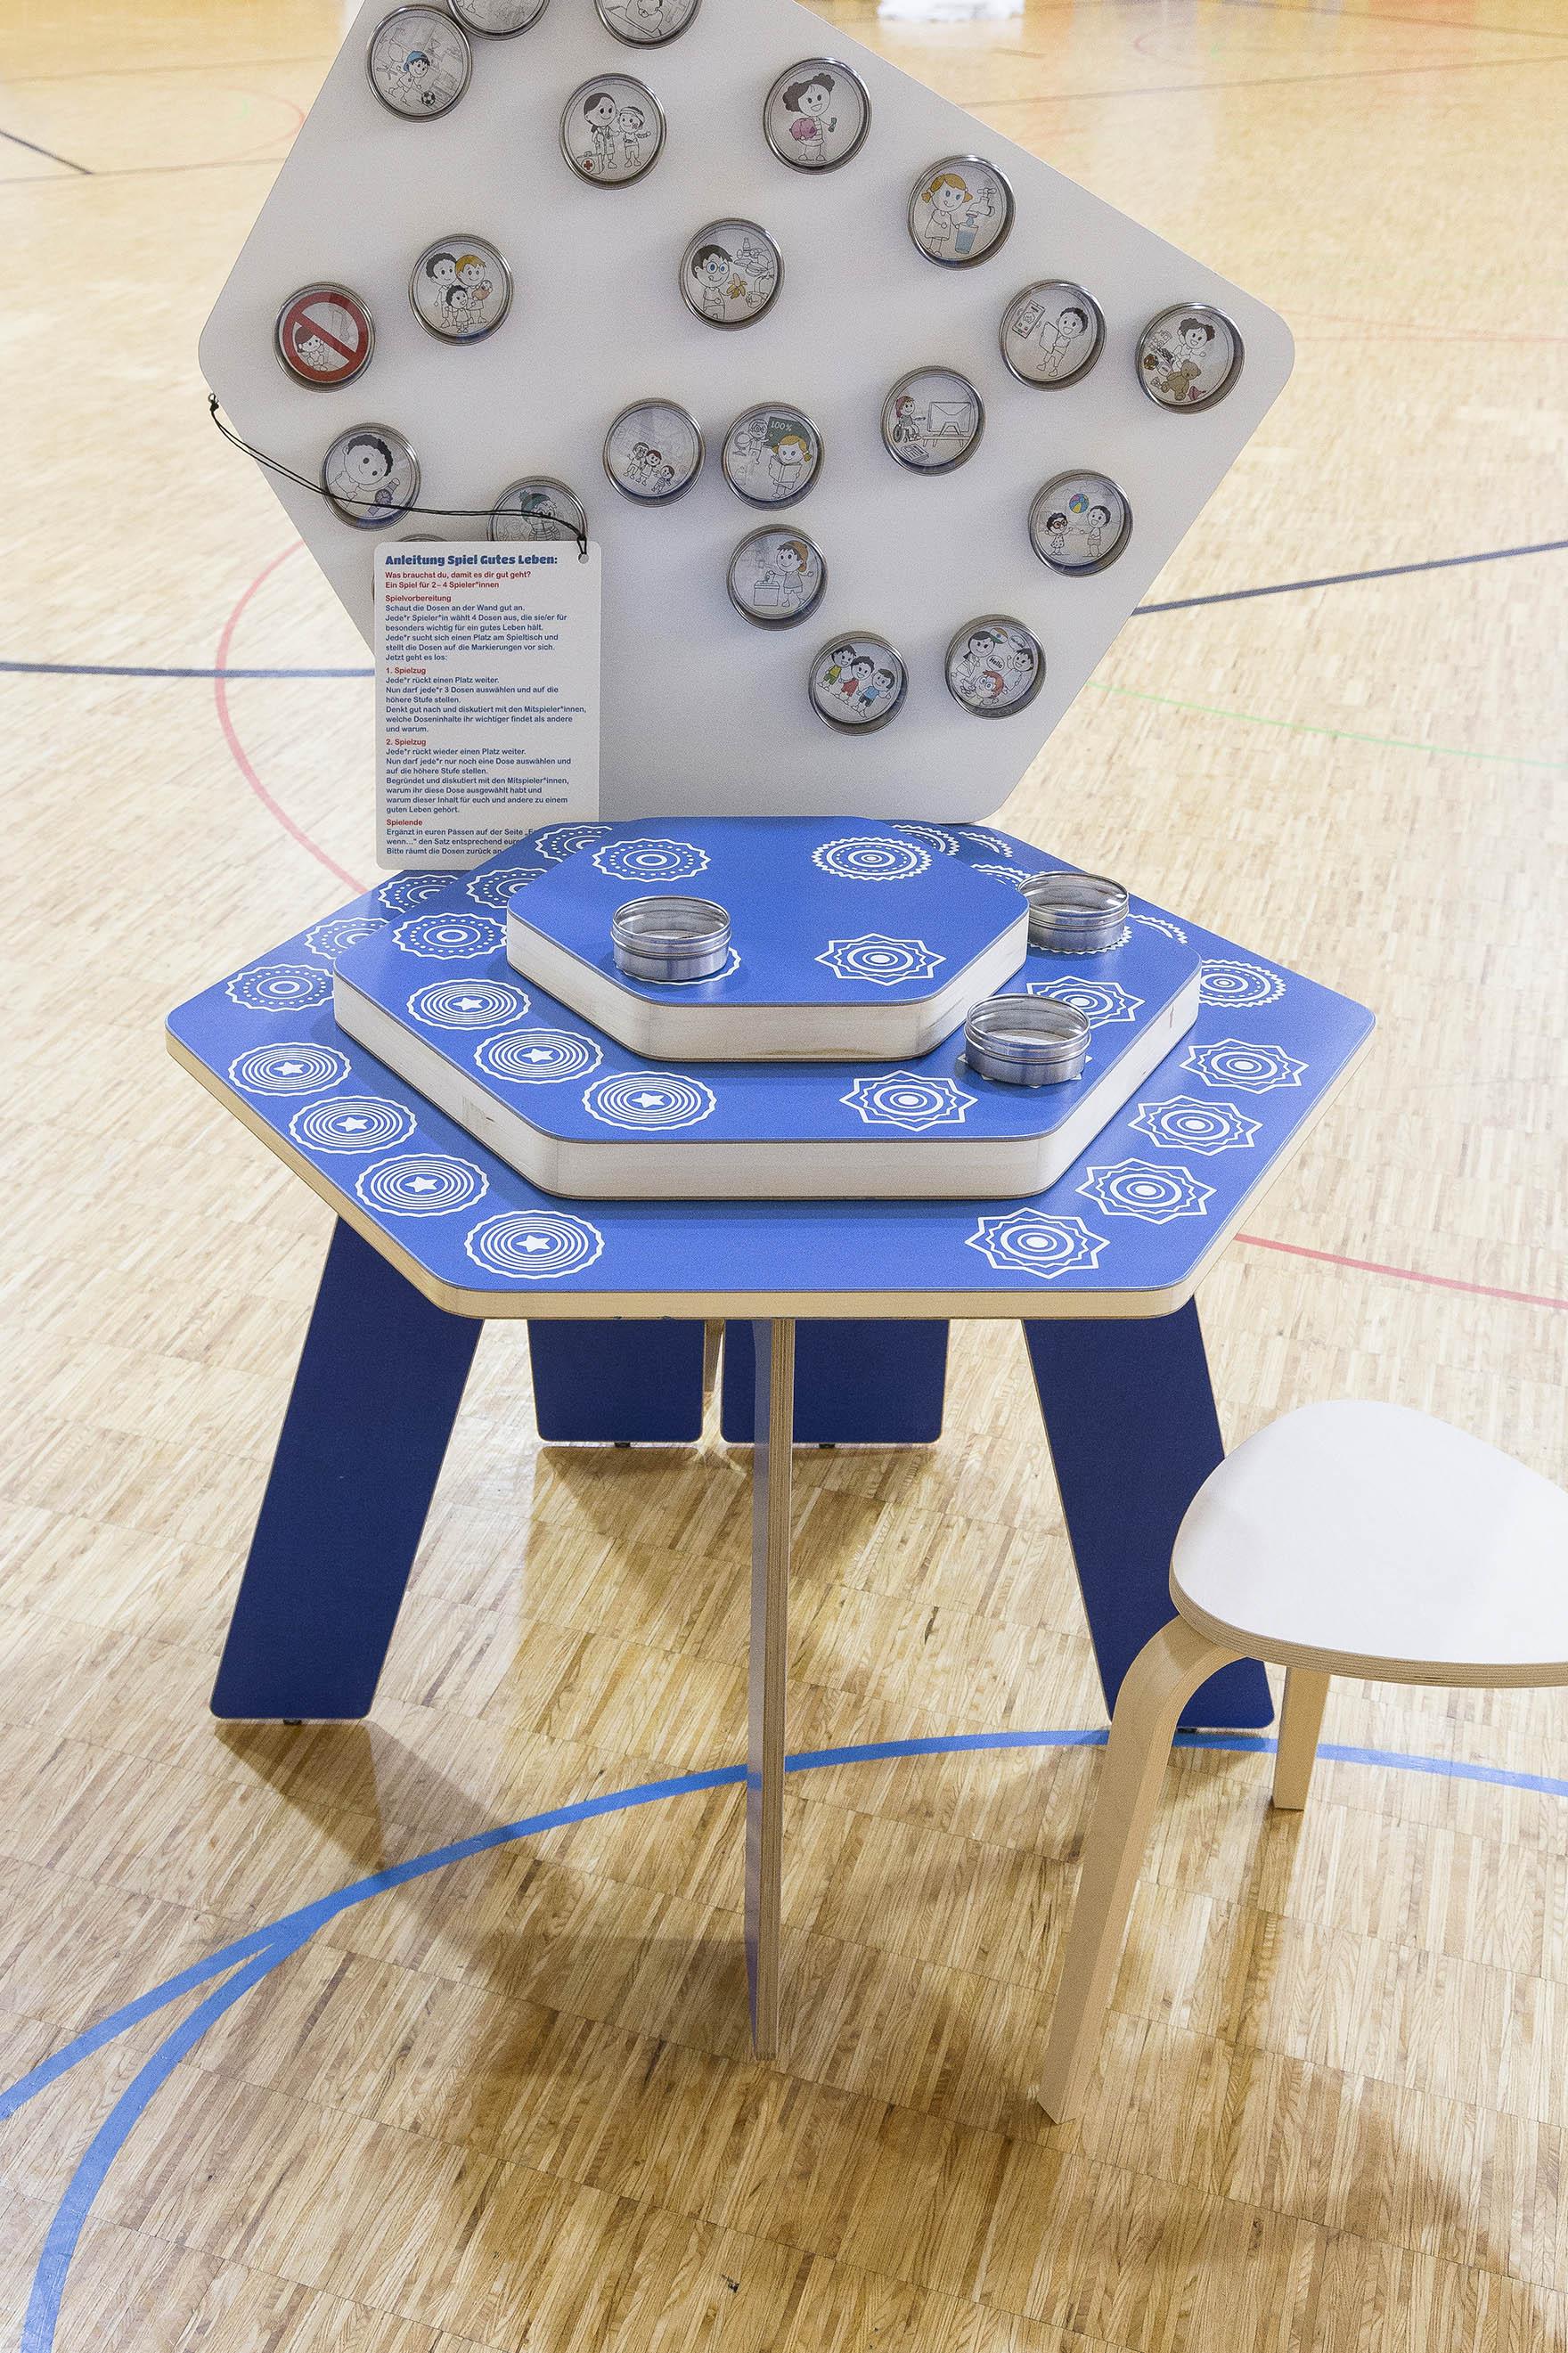 Tonia Bürkle (blaugrau): Kinder haben Rechte! Mobile Ausstellung für Kinderbüro Frankfurt 15